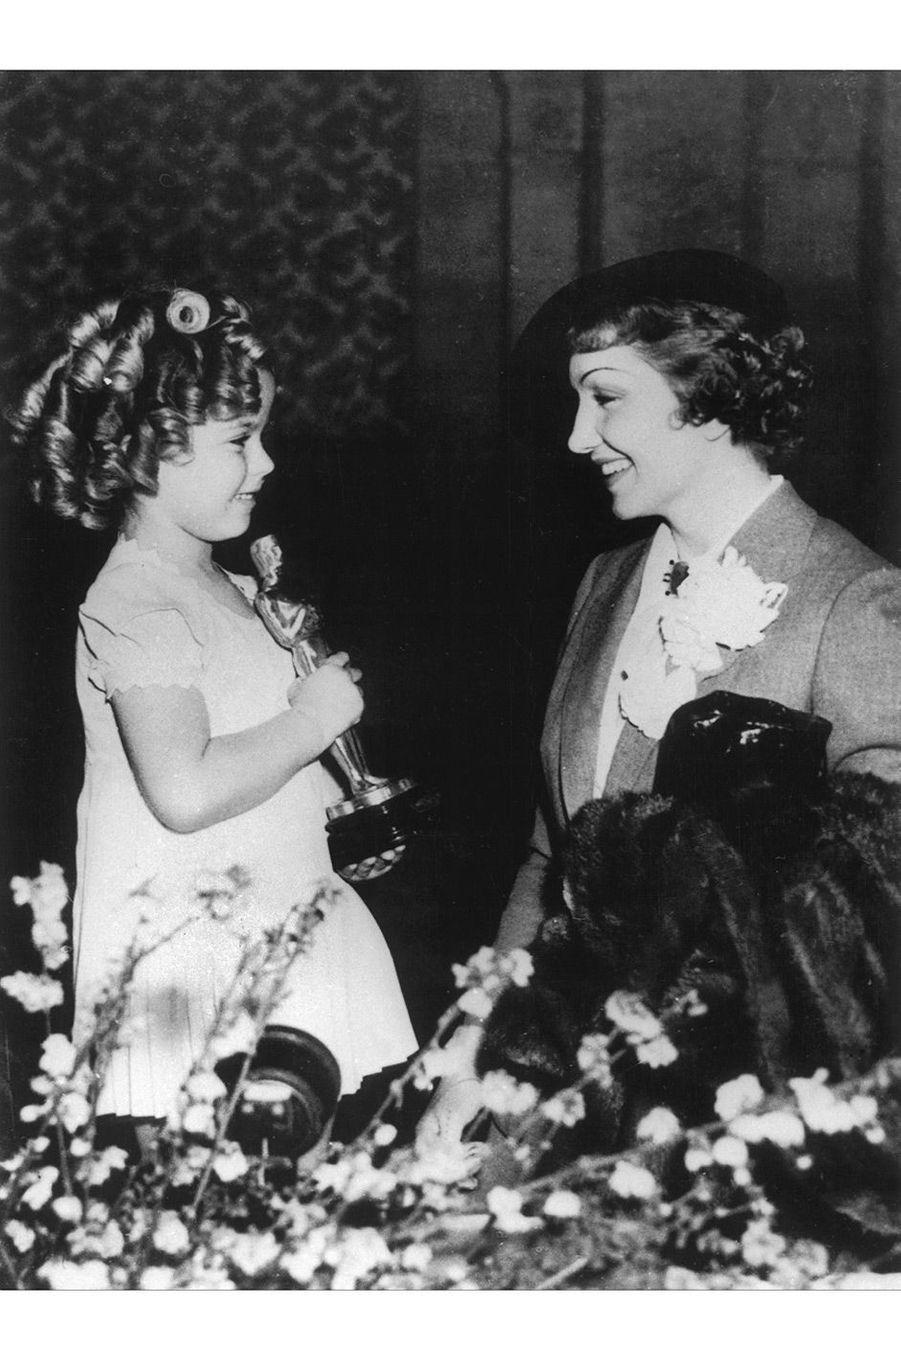 """7ème cérémonie des Oscars (1935)Claudette Colbert est la première française (naturalisée américaine) à remporter l'Oscar de la meilleure actrice pour son rôle dans """"New York-Miami"""" de Frank Capra(Photo : Claudette Colbert avec la jeune actrice Shirley Temple qui tient son Oscar en 1935)"""